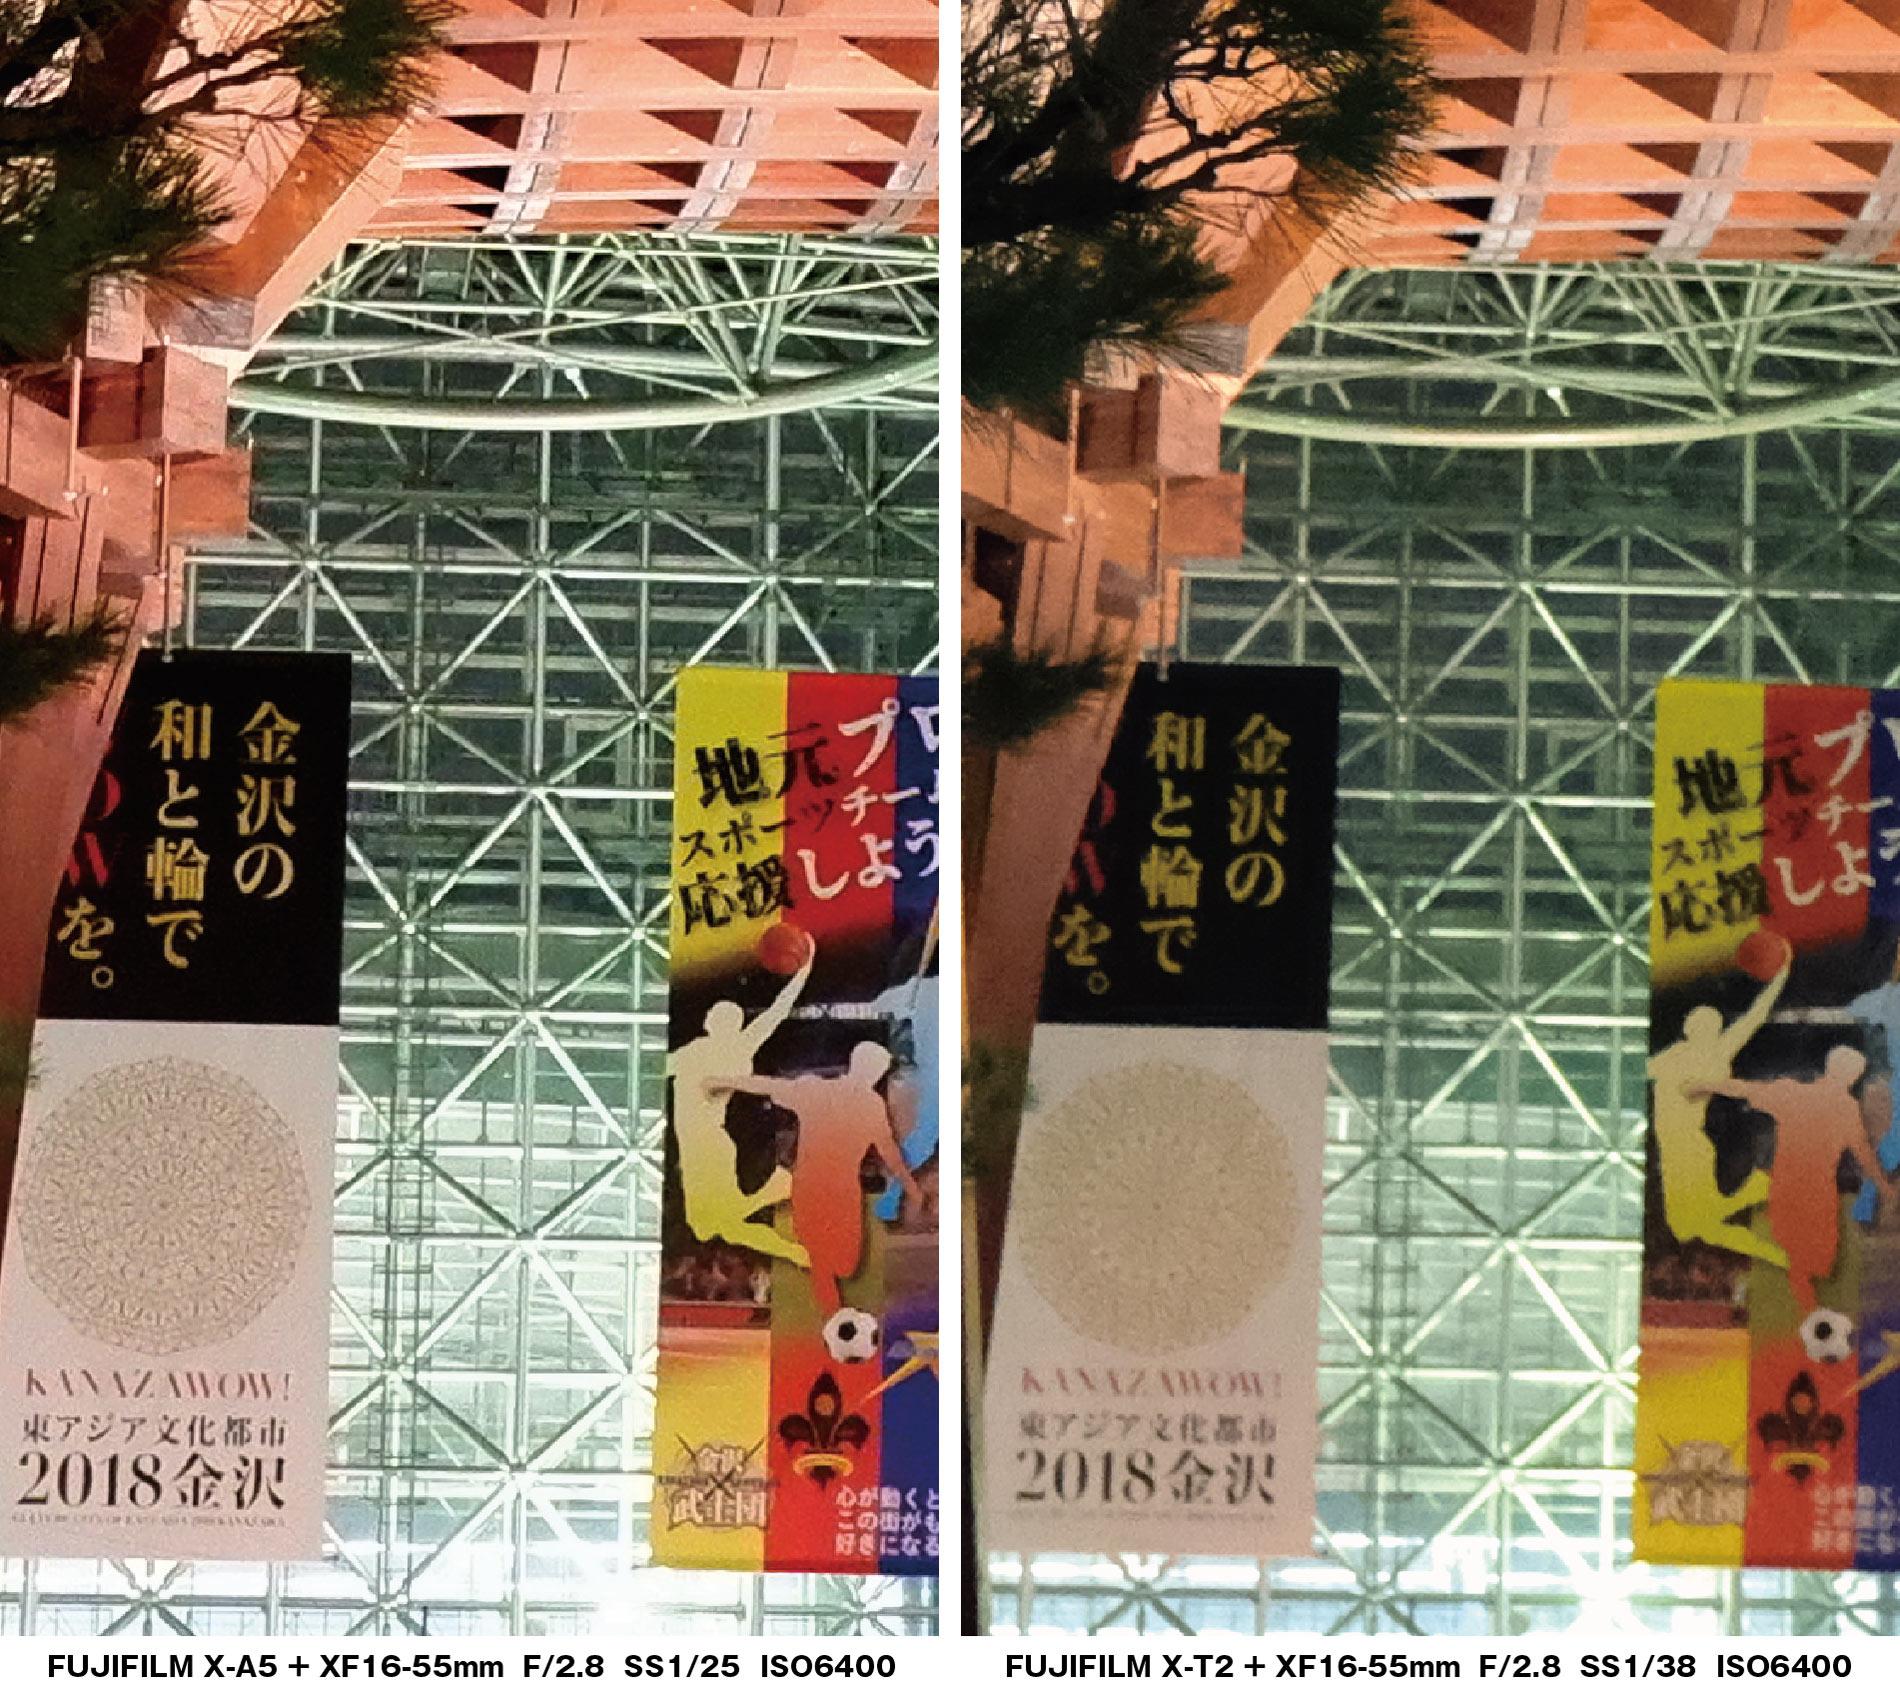 X-A5 X-T2 金沢駅 夜の鼓門 画質比較